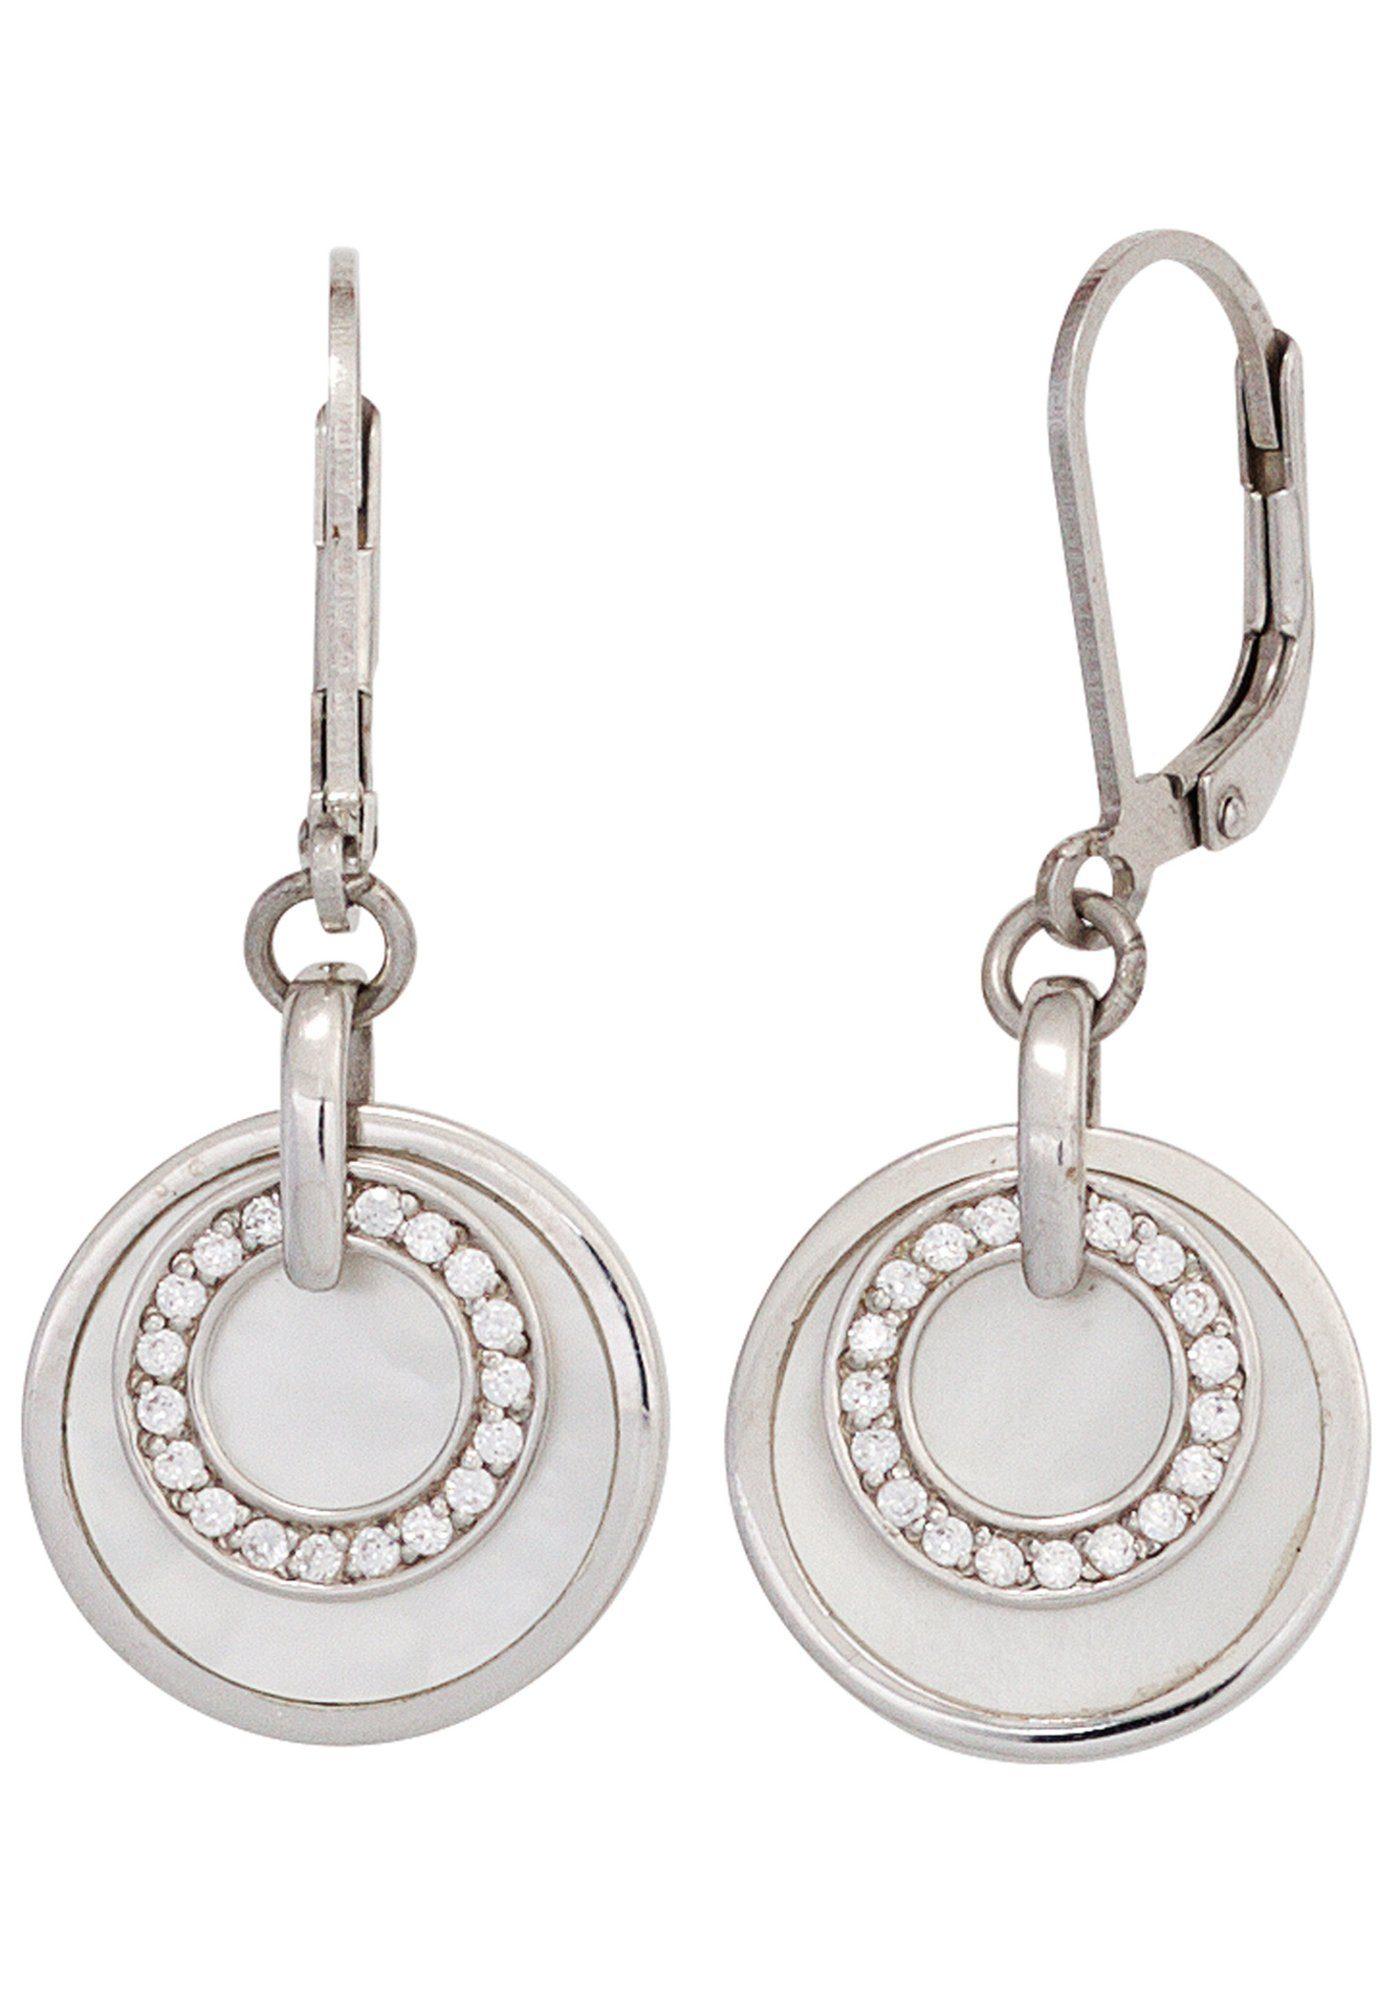 JOBO Paar Ohrhänger rund 925 Silber mit Perlmutt und Zirkonia